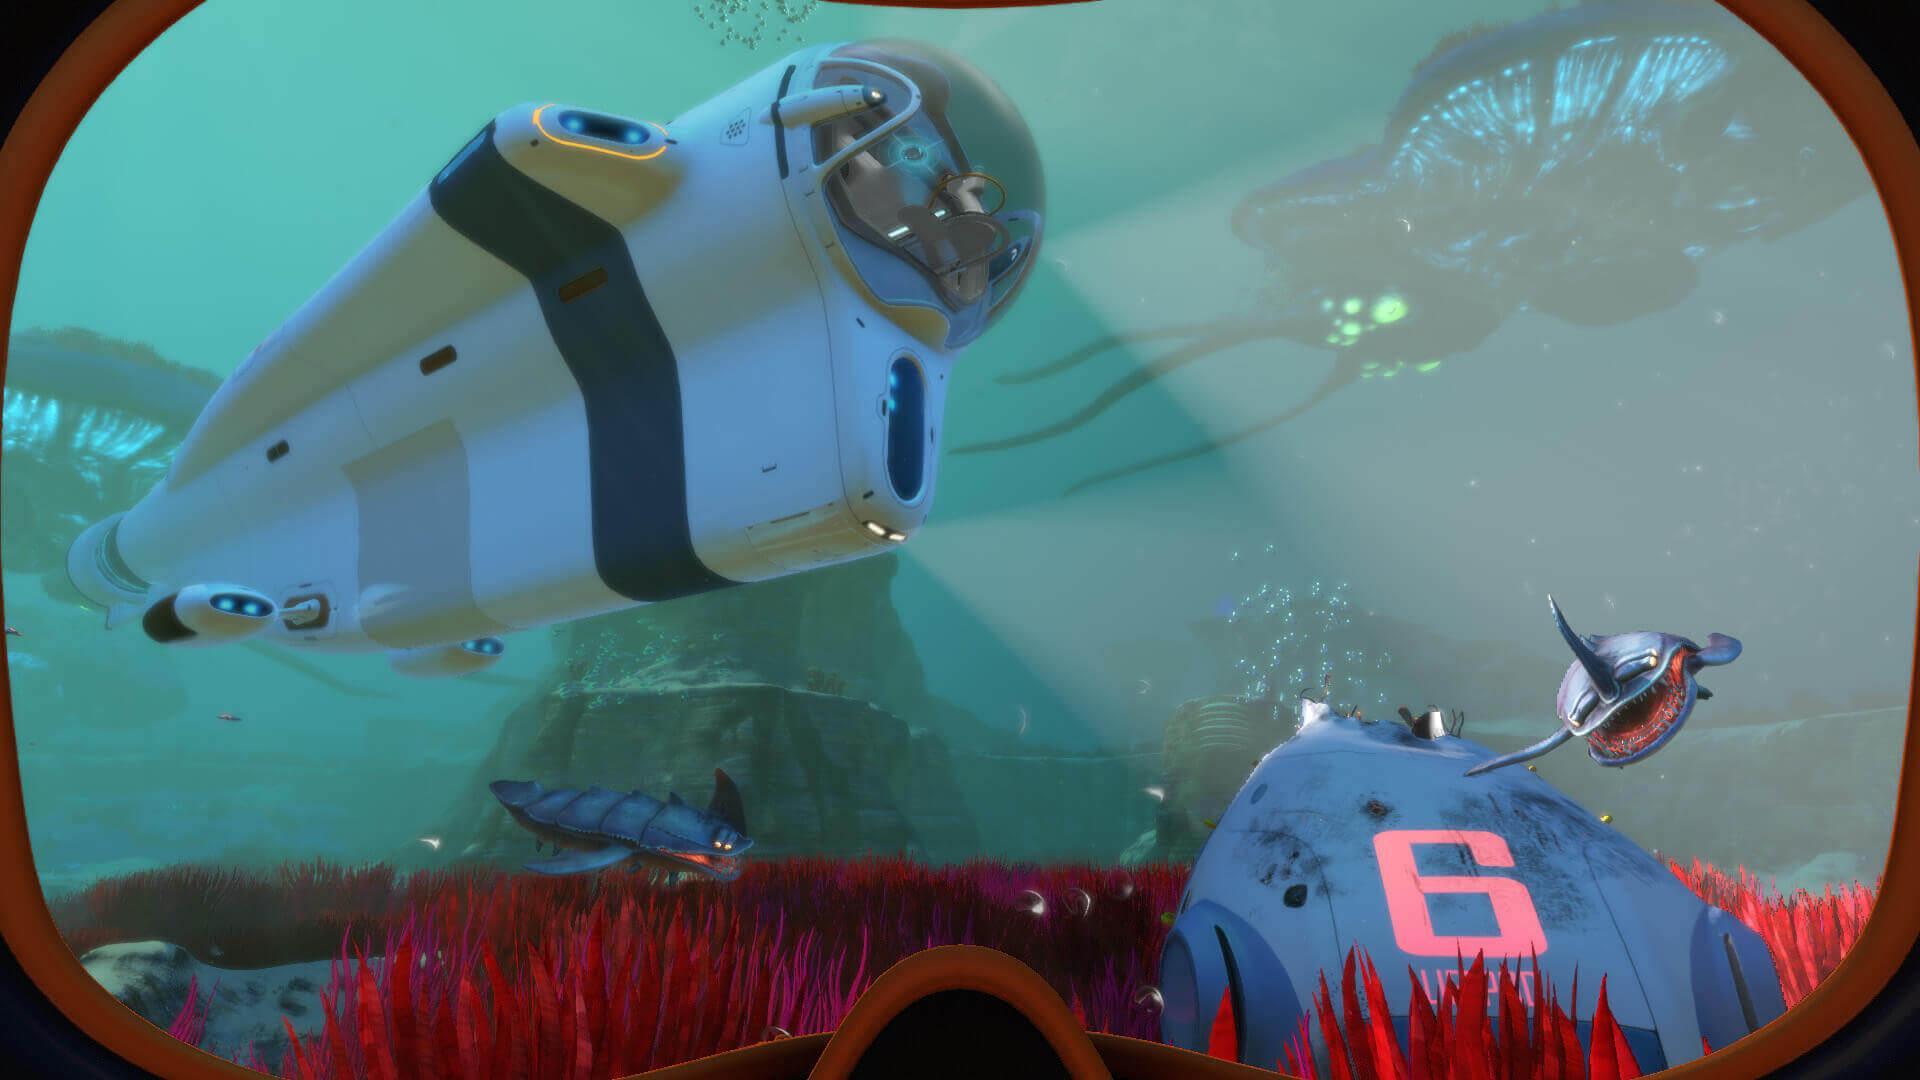 epic games releases subnautica